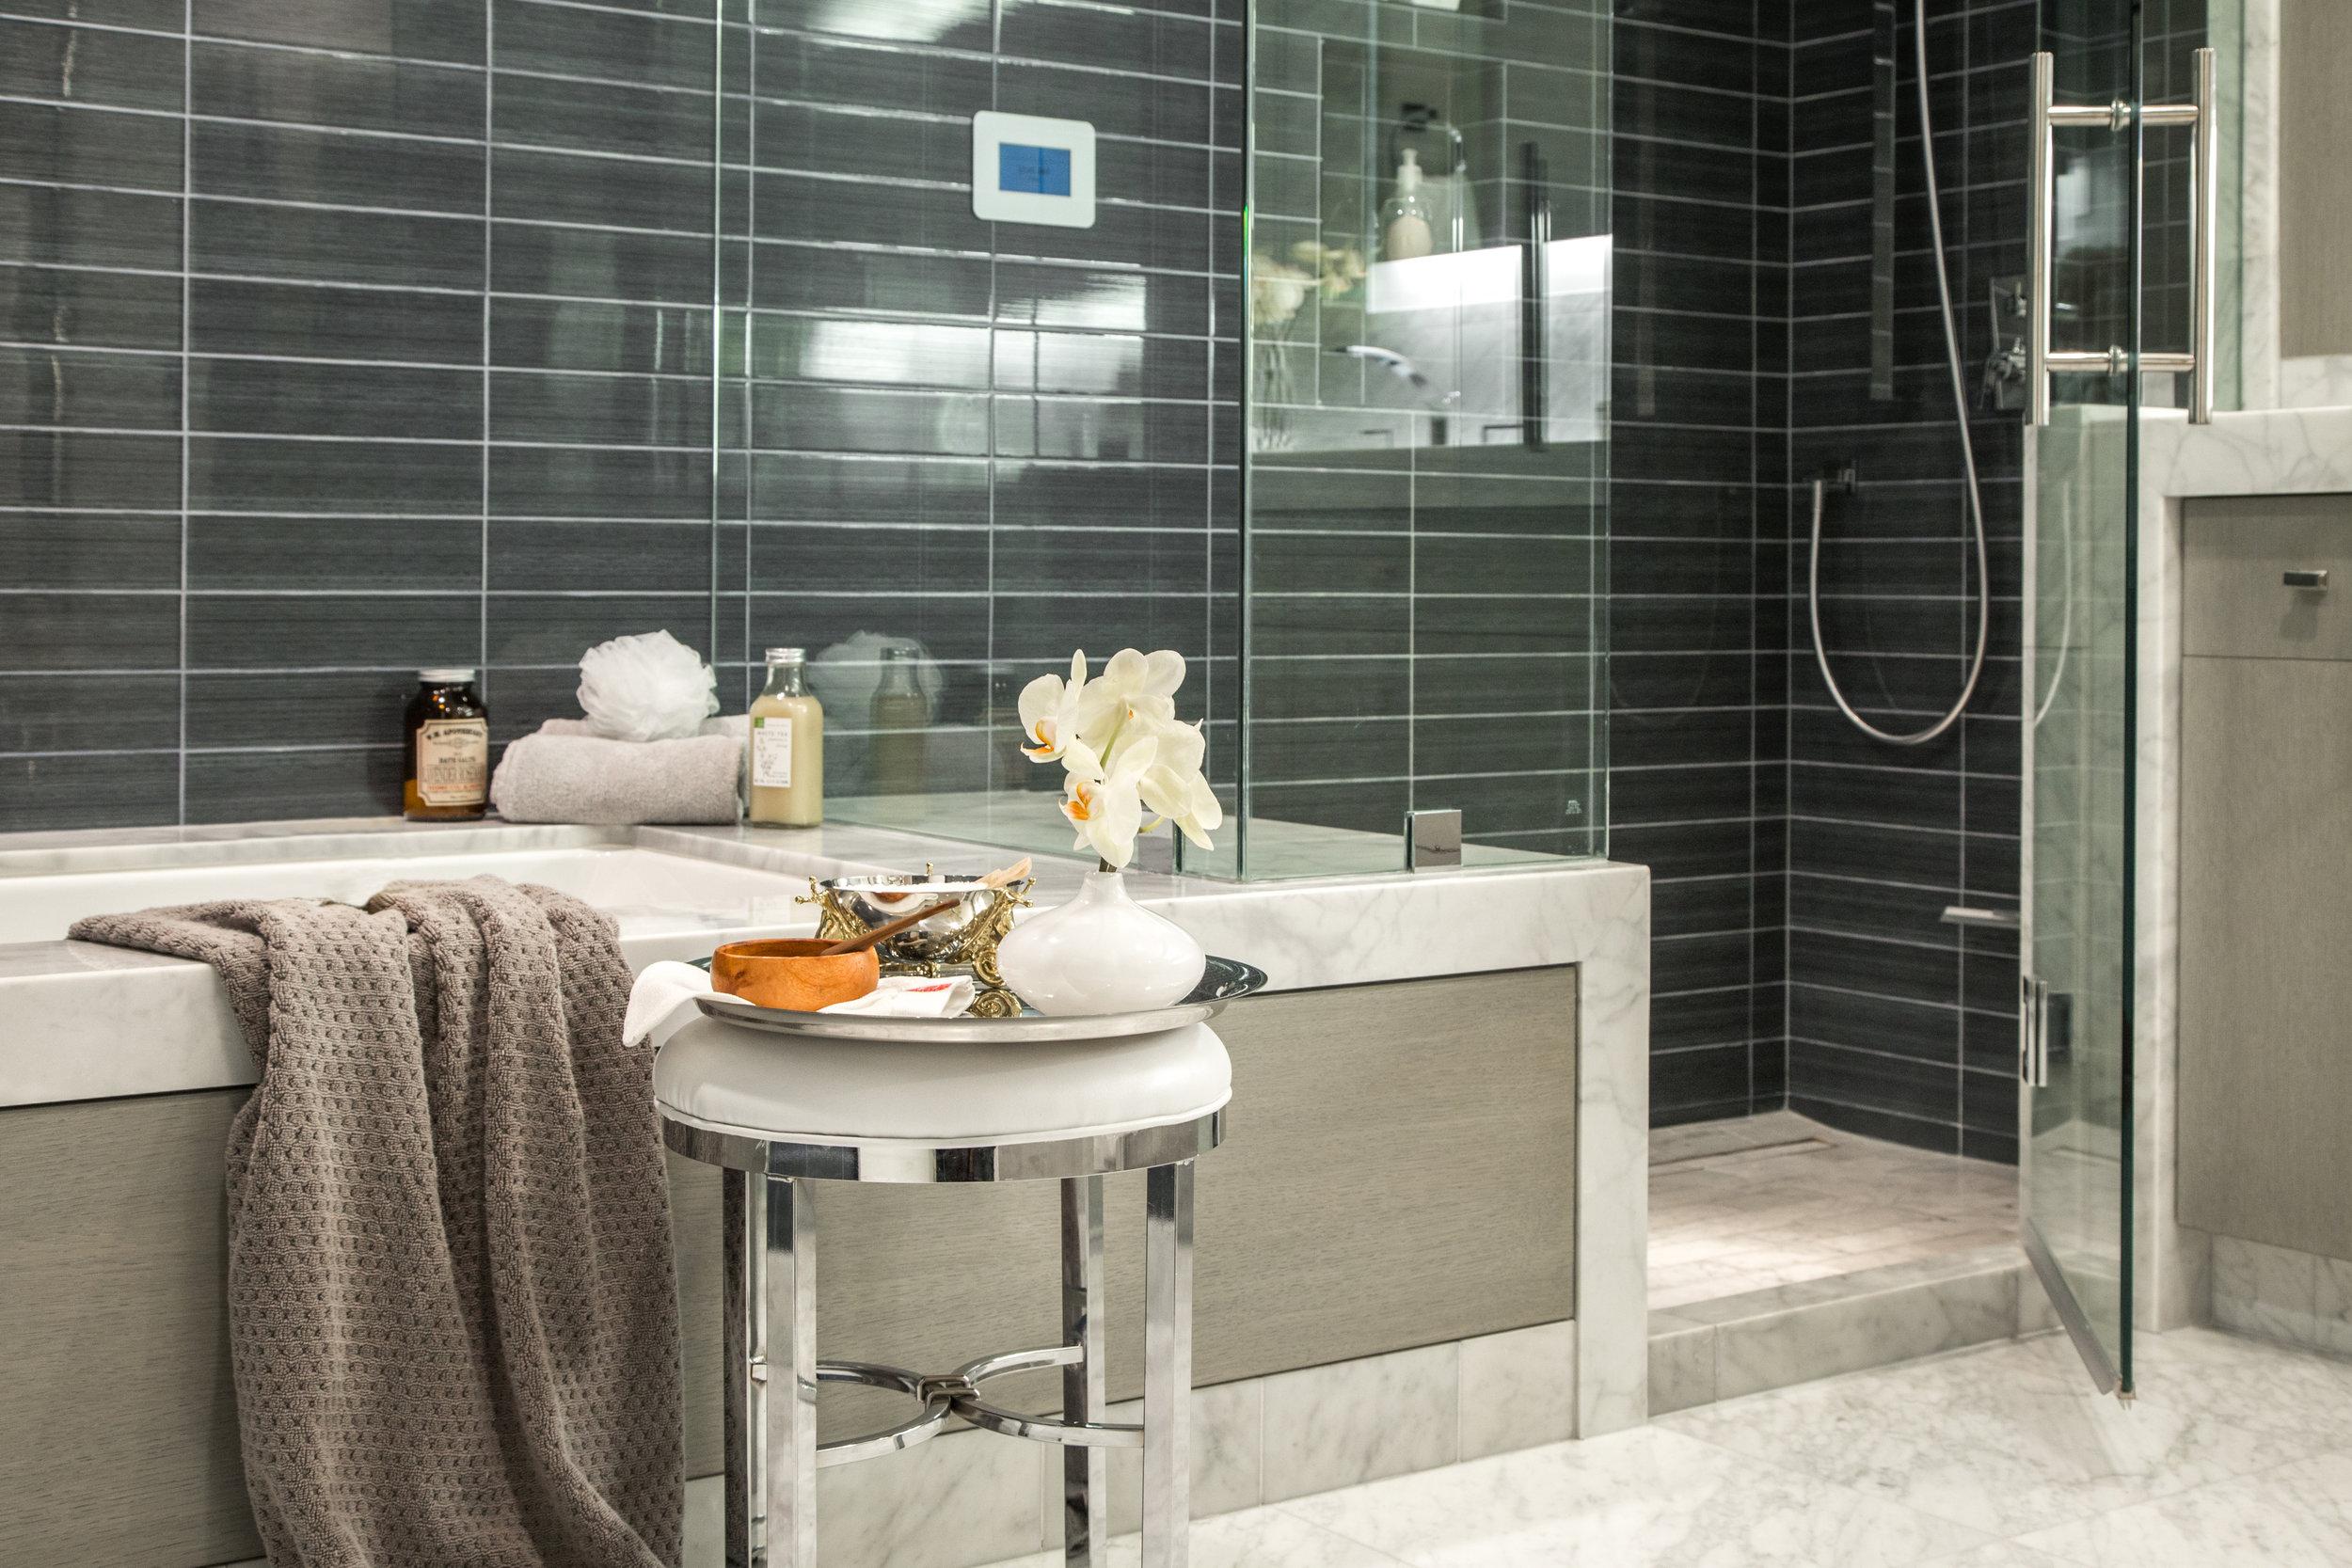 Steam shower designed in luxury bathroom by Designer: Lori Gilder #steamshower #bathroomremodel #blacktile